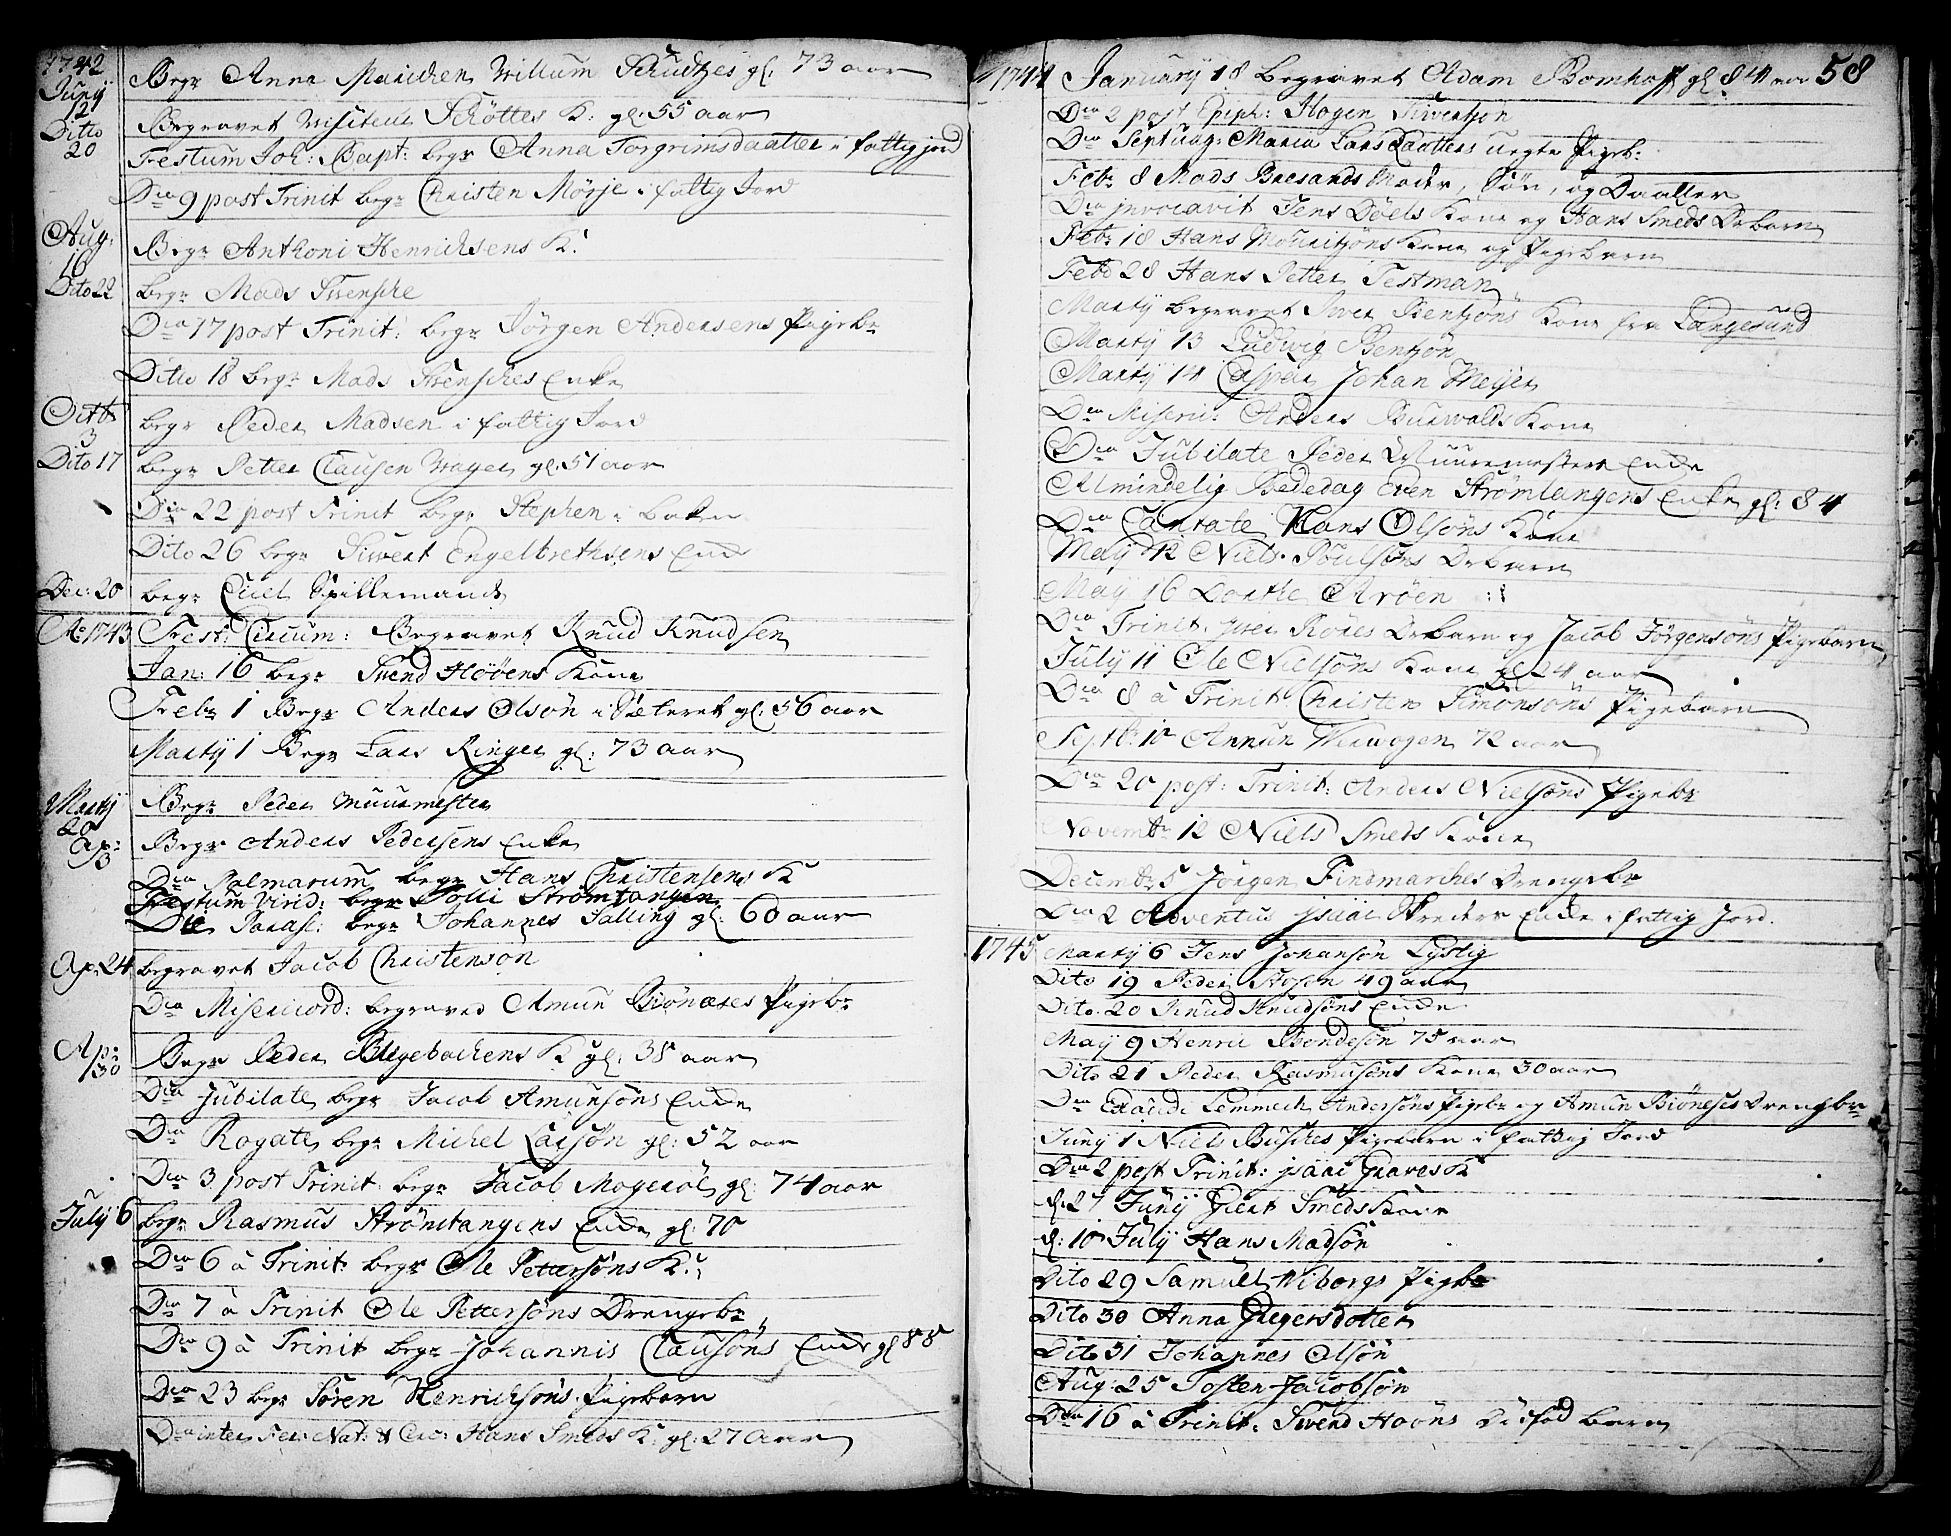 SAKO, Brevik kirkebøker, F/Fa/L0002: Ministerialbok nr. 2, 1720-1764, s. 58a